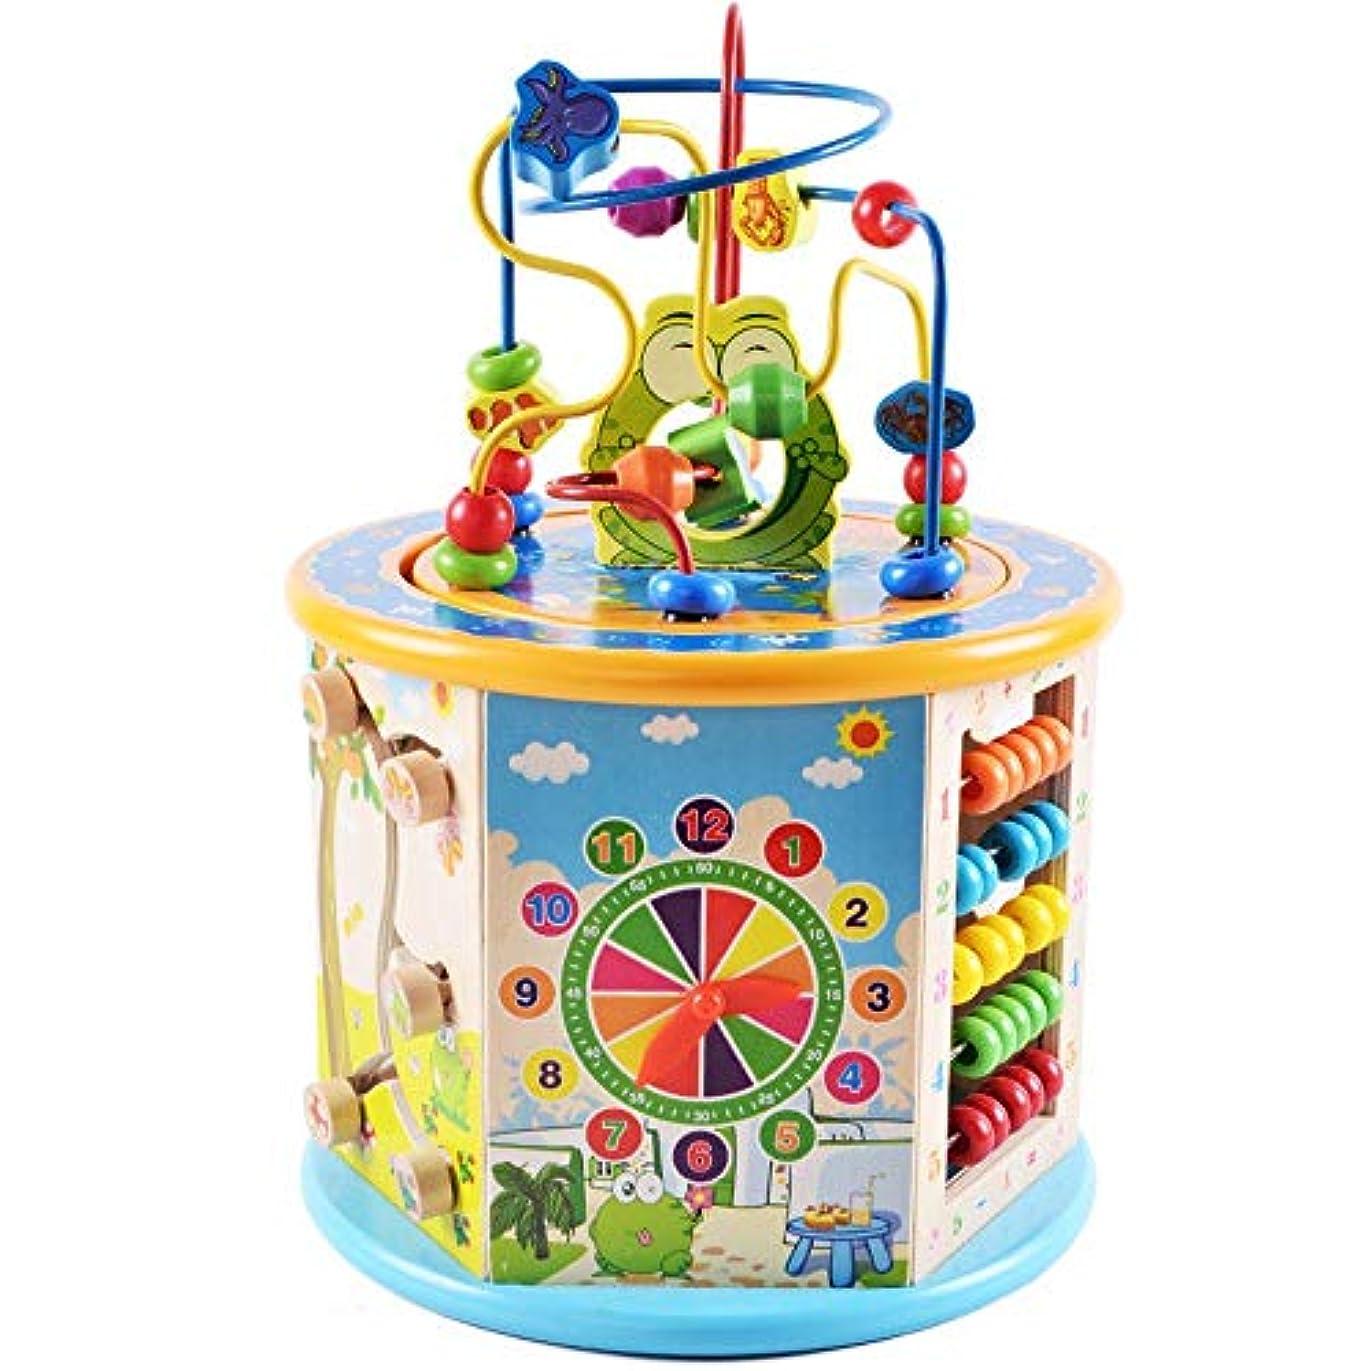 メロドラマ複雑バーマド子供 知育玩具 木製のアクティビティキューブ、音楽活動教育的なゲームアーリーラーニングと開発のためのサウンドでセンターの赤ちゃん幼児のおもちゃを再生 早期開発 男の子 女の子 誕生日のプレゼント (Color : Multi-colored, Size : Free size)